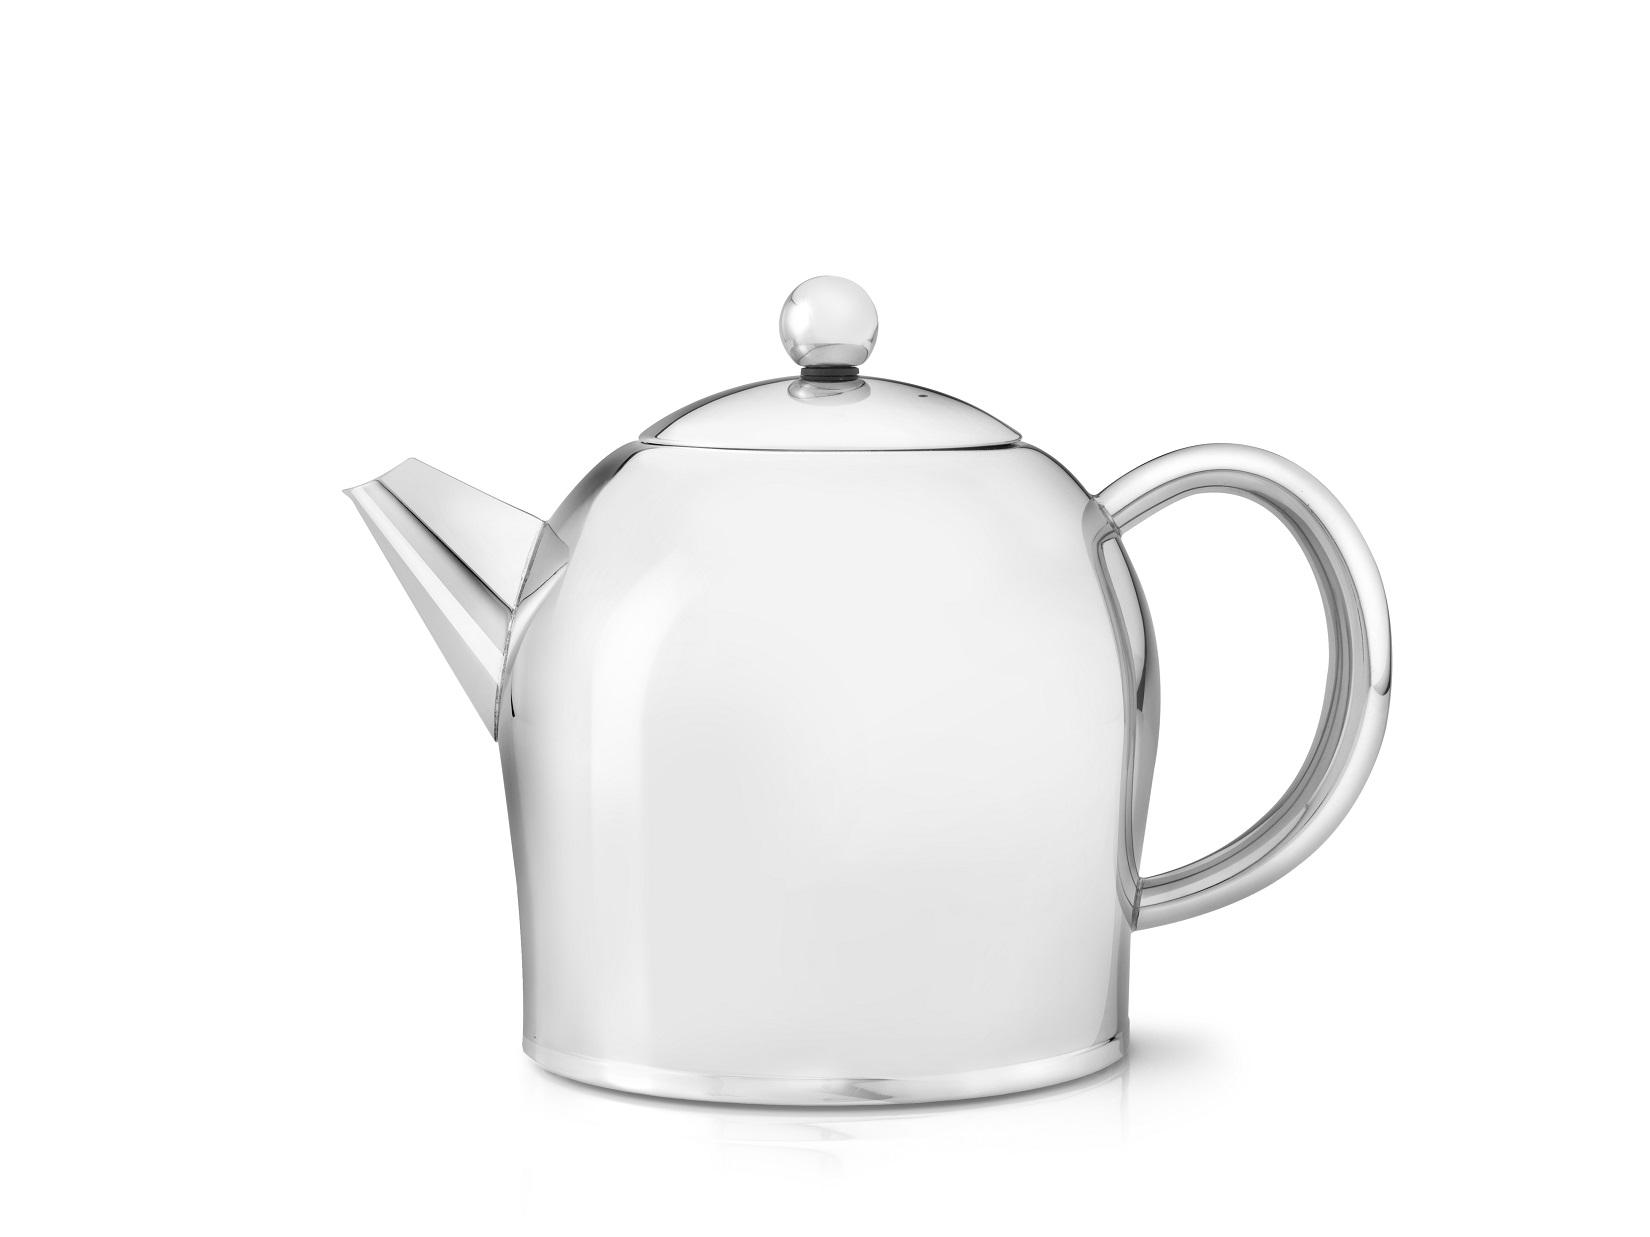 Teekanne Minuet Santhee Bredemeijer 1,0L.